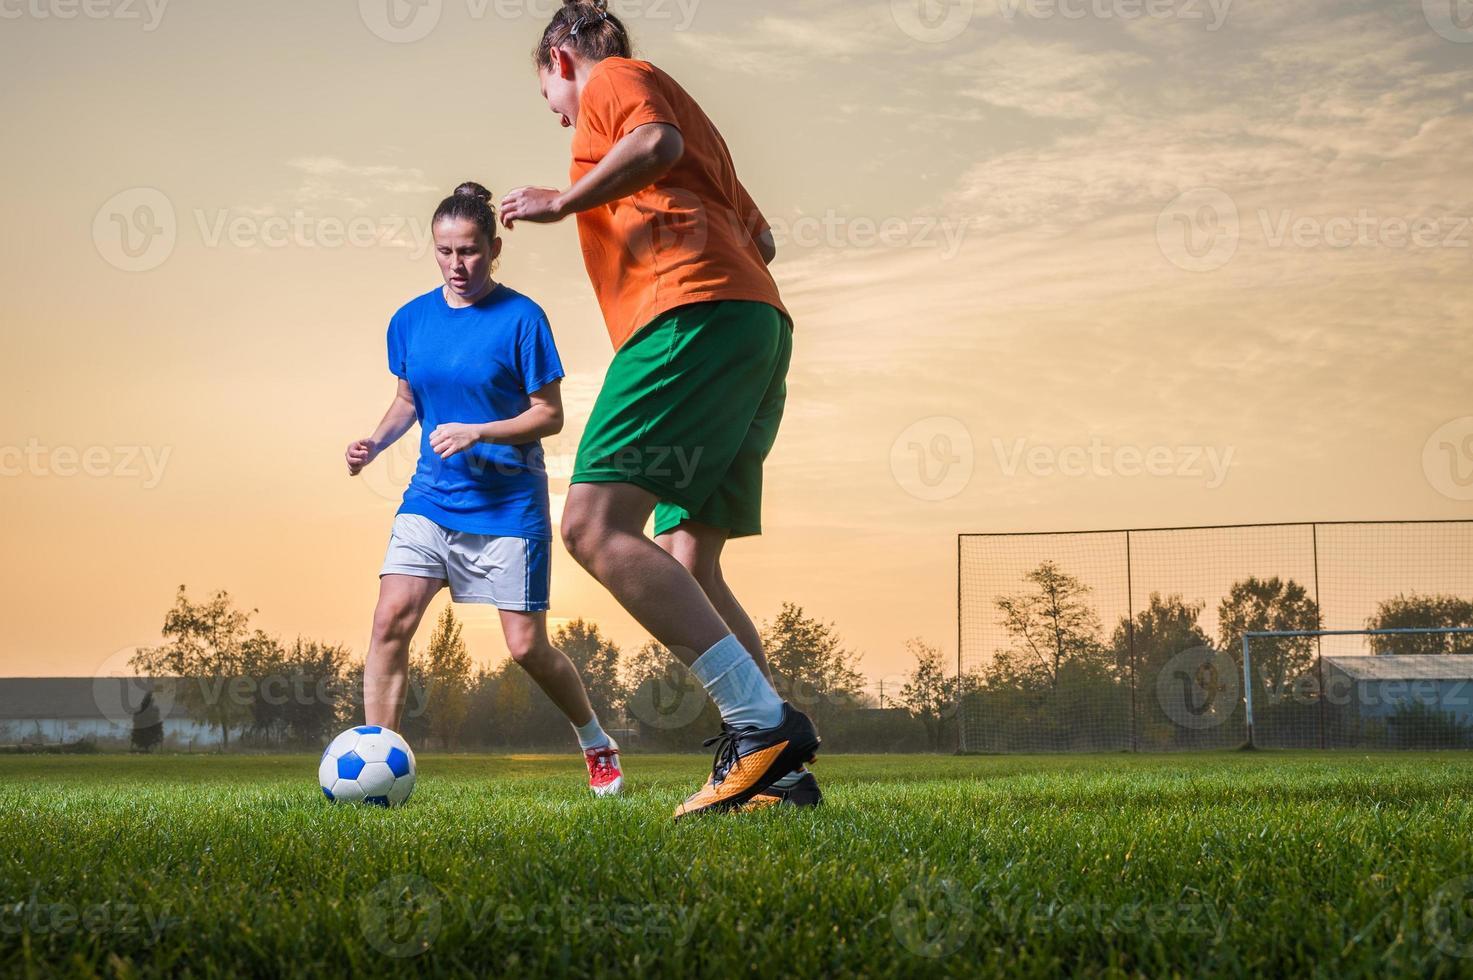 vrouwen tijdens een voetbalwedstrijd bij zonsondergang foto